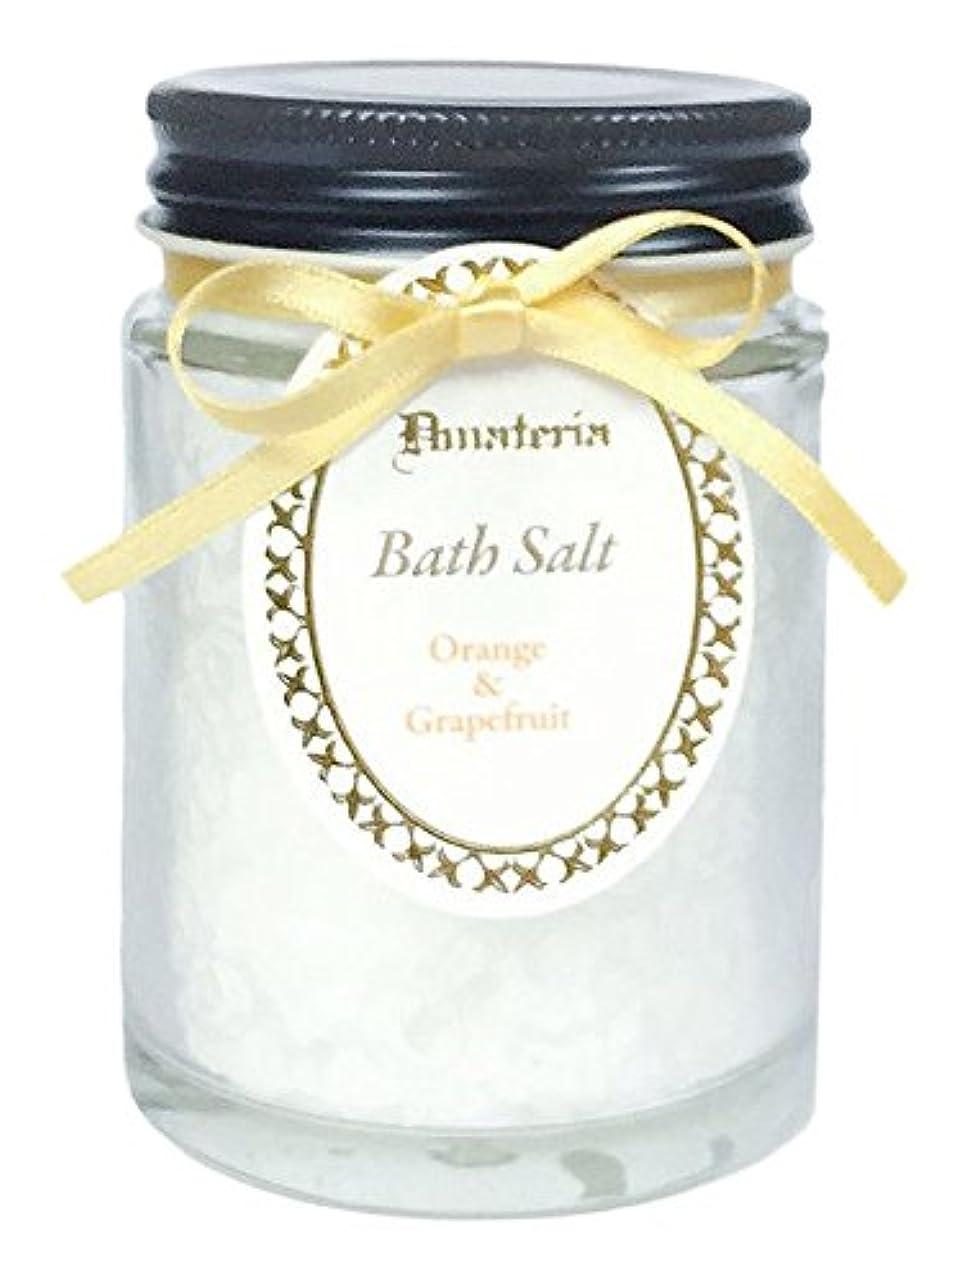 歩くできたブランド名D materia バスソルト オレンジ&グレープフルーツ Orange&Grapefruit Bath Salt ディーマテリア